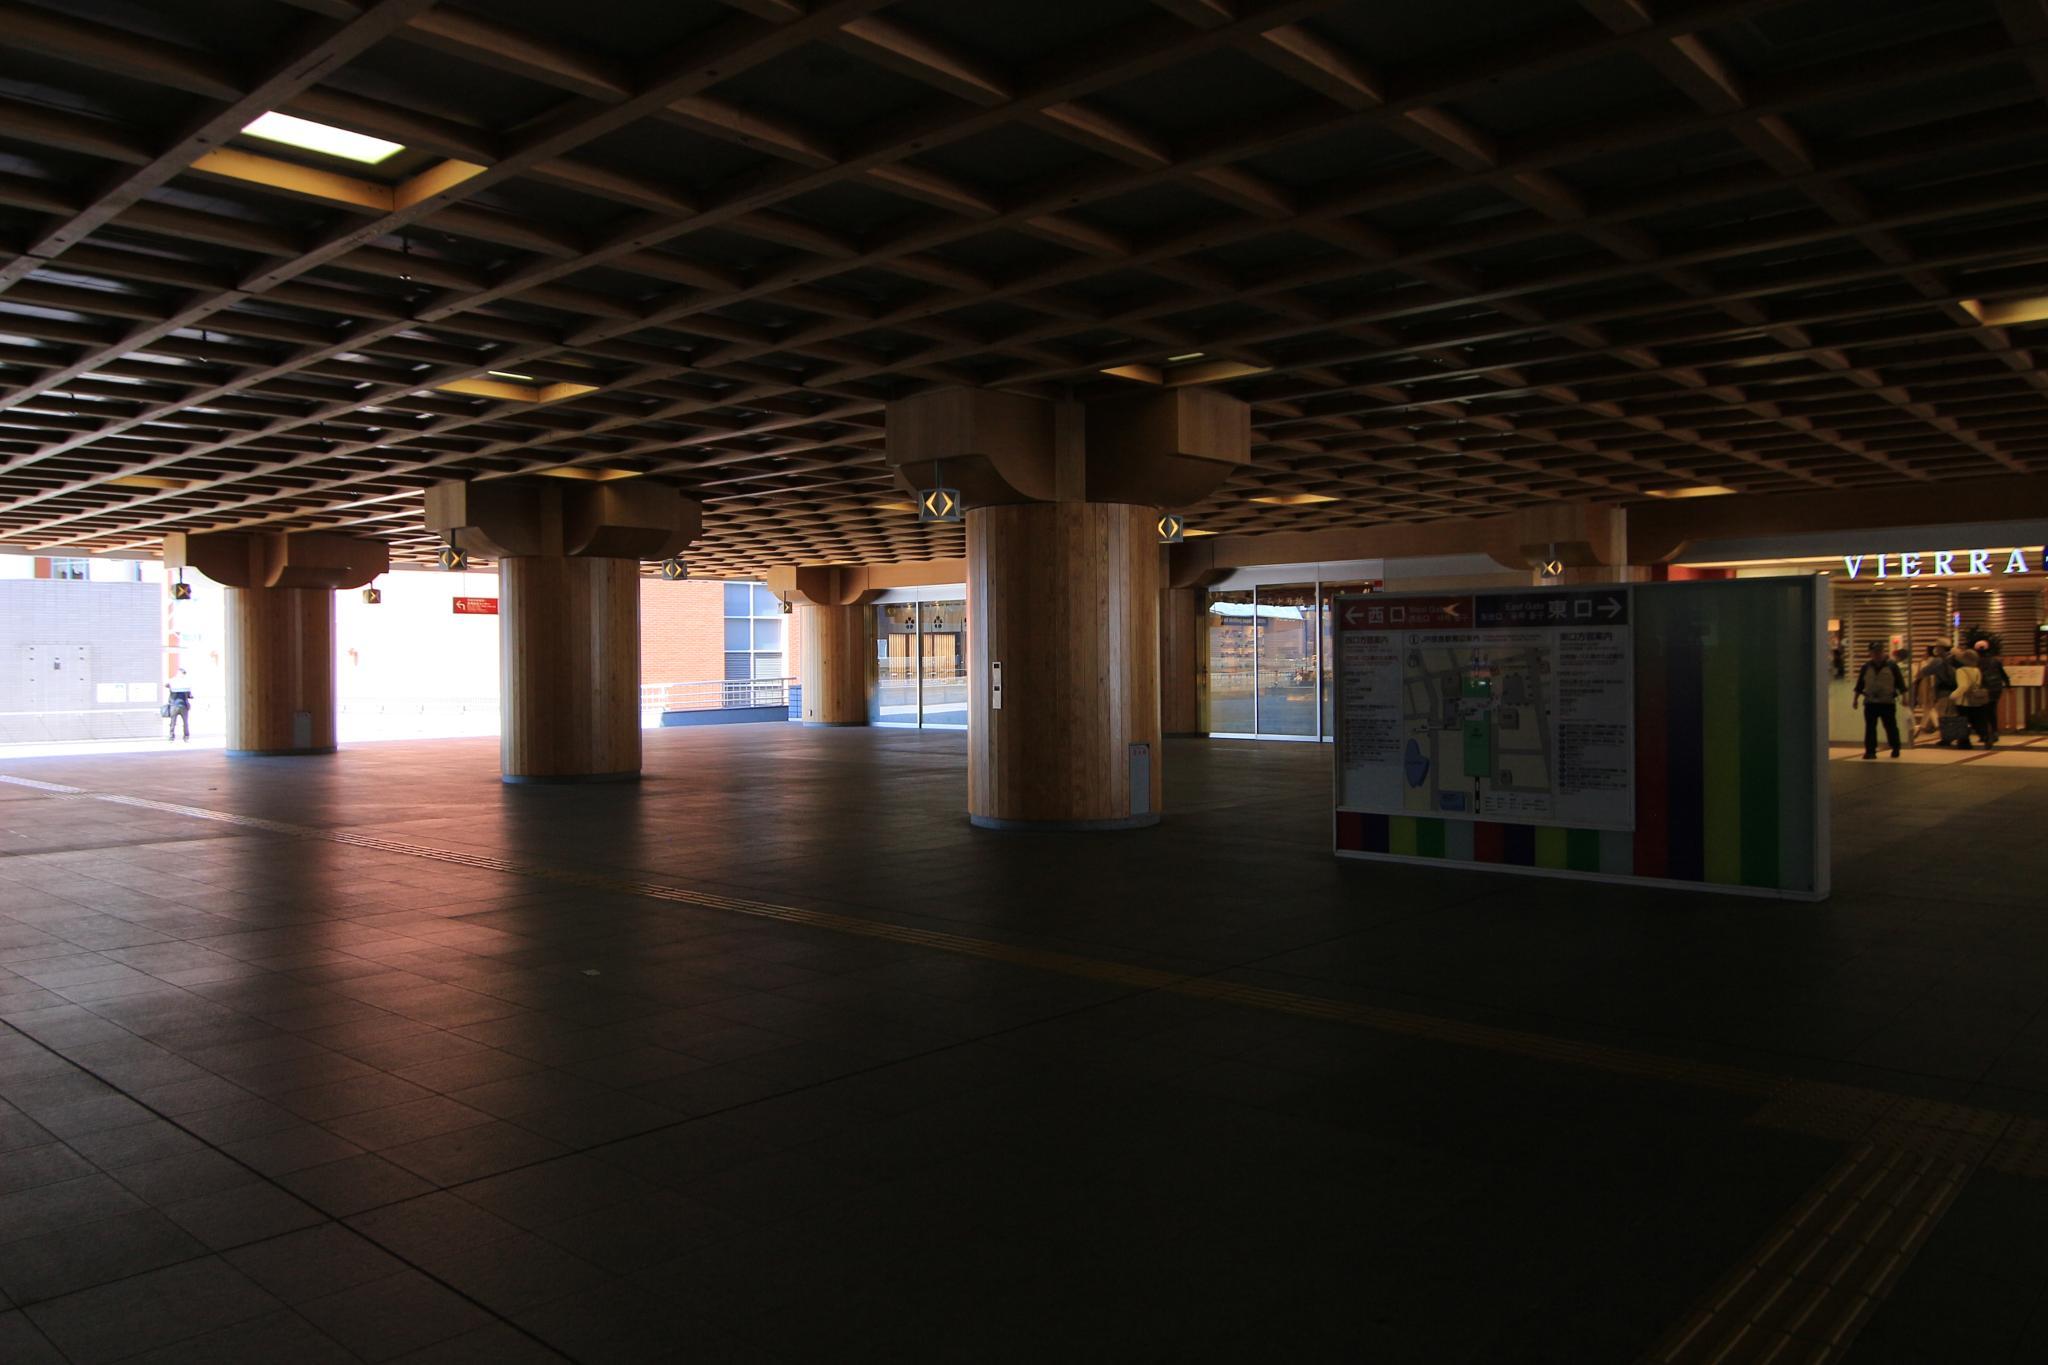 Nara station by inge.kanakarisW